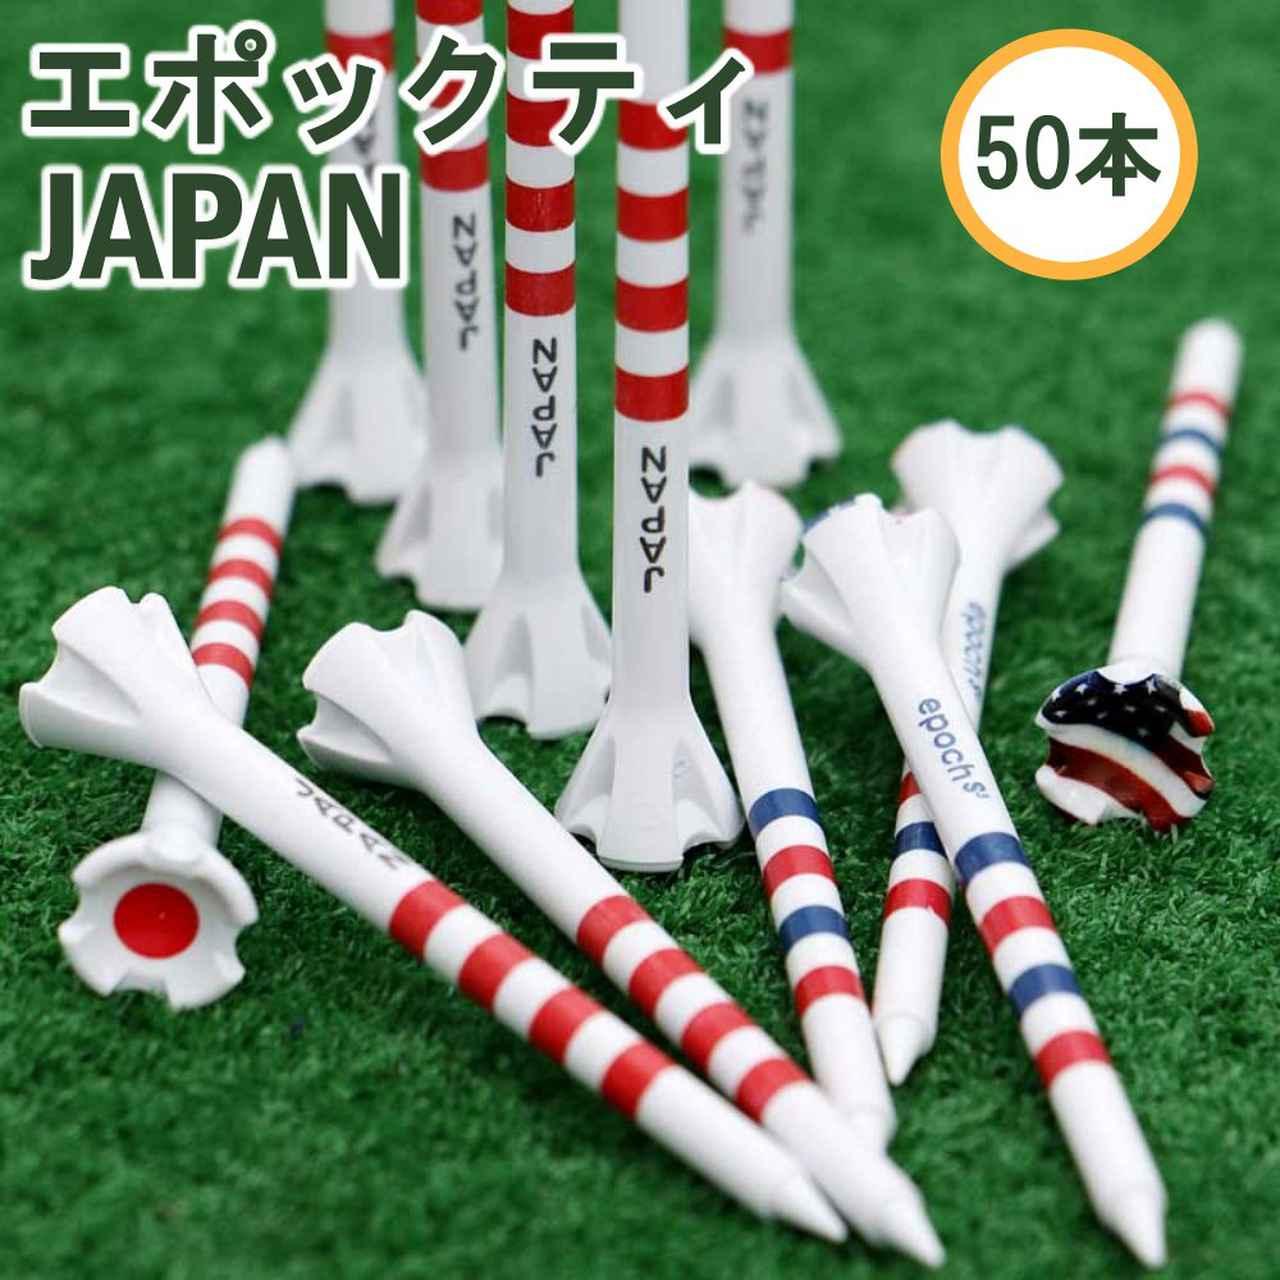 画像: 【楽天市場】エポックティ JAPANモデル(50本)【飛んで・曲がらない・地球に還る】:ゴルフポケット楽天市場店